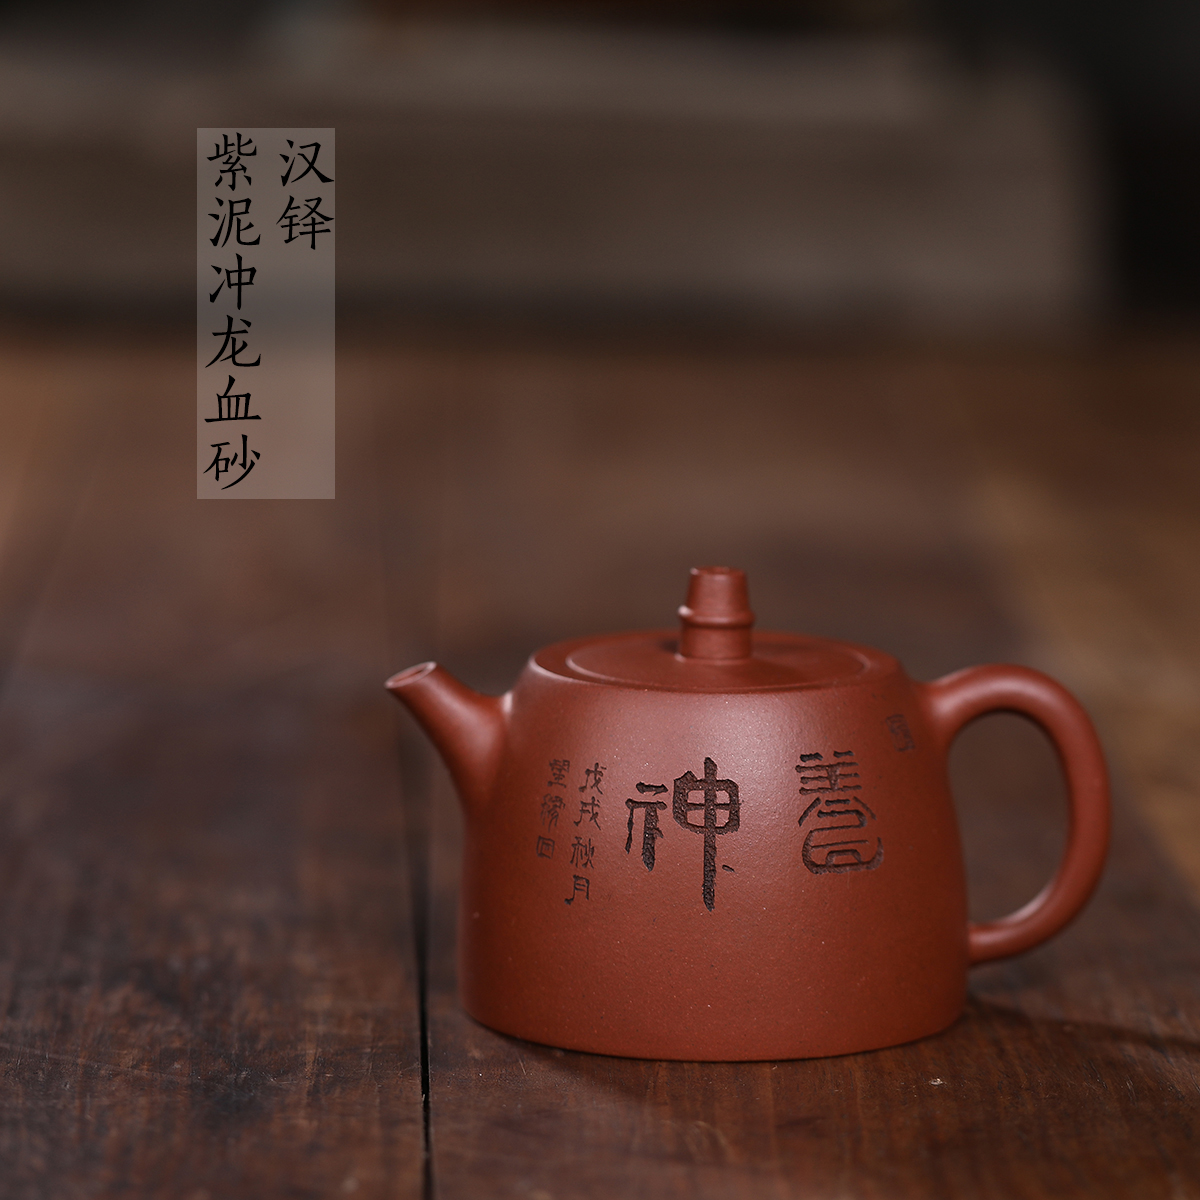 宜兴紫砂 四号井深坑紫泥冲龙血砂 汉铎 原矿 茶壶 传统手工